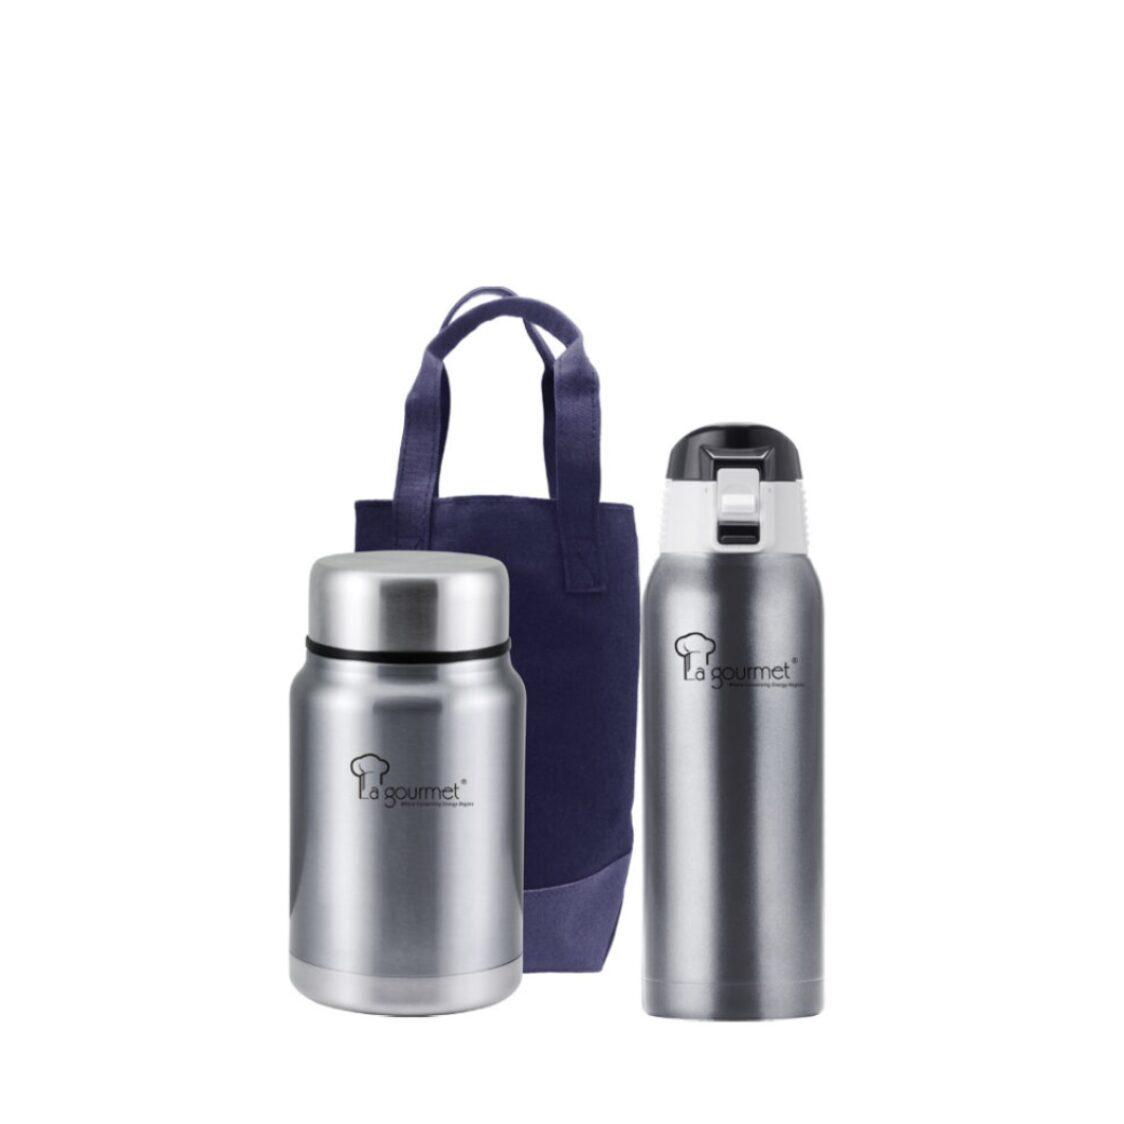 La Gourmet Sakura Plus 075L Thermal Cooker  Sakura Plus 075L Sport Thermal Flask